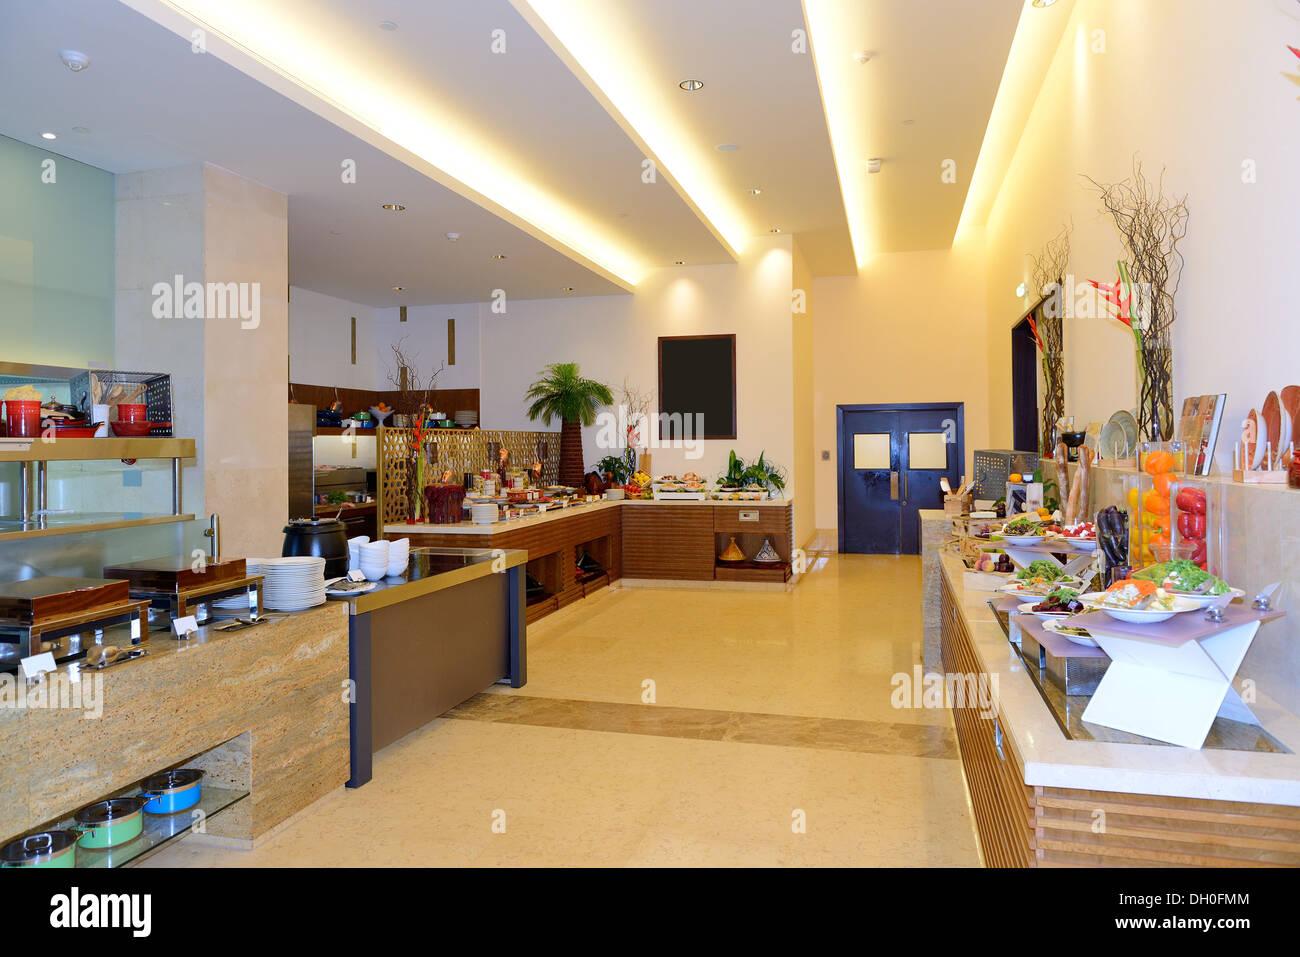 https://c8.alamy.com/compde/dh0fmm/das-restaurant-interieur-luxus-hotels-dubai-vereinigte-arabische-emirate-dh0fmm.jpg